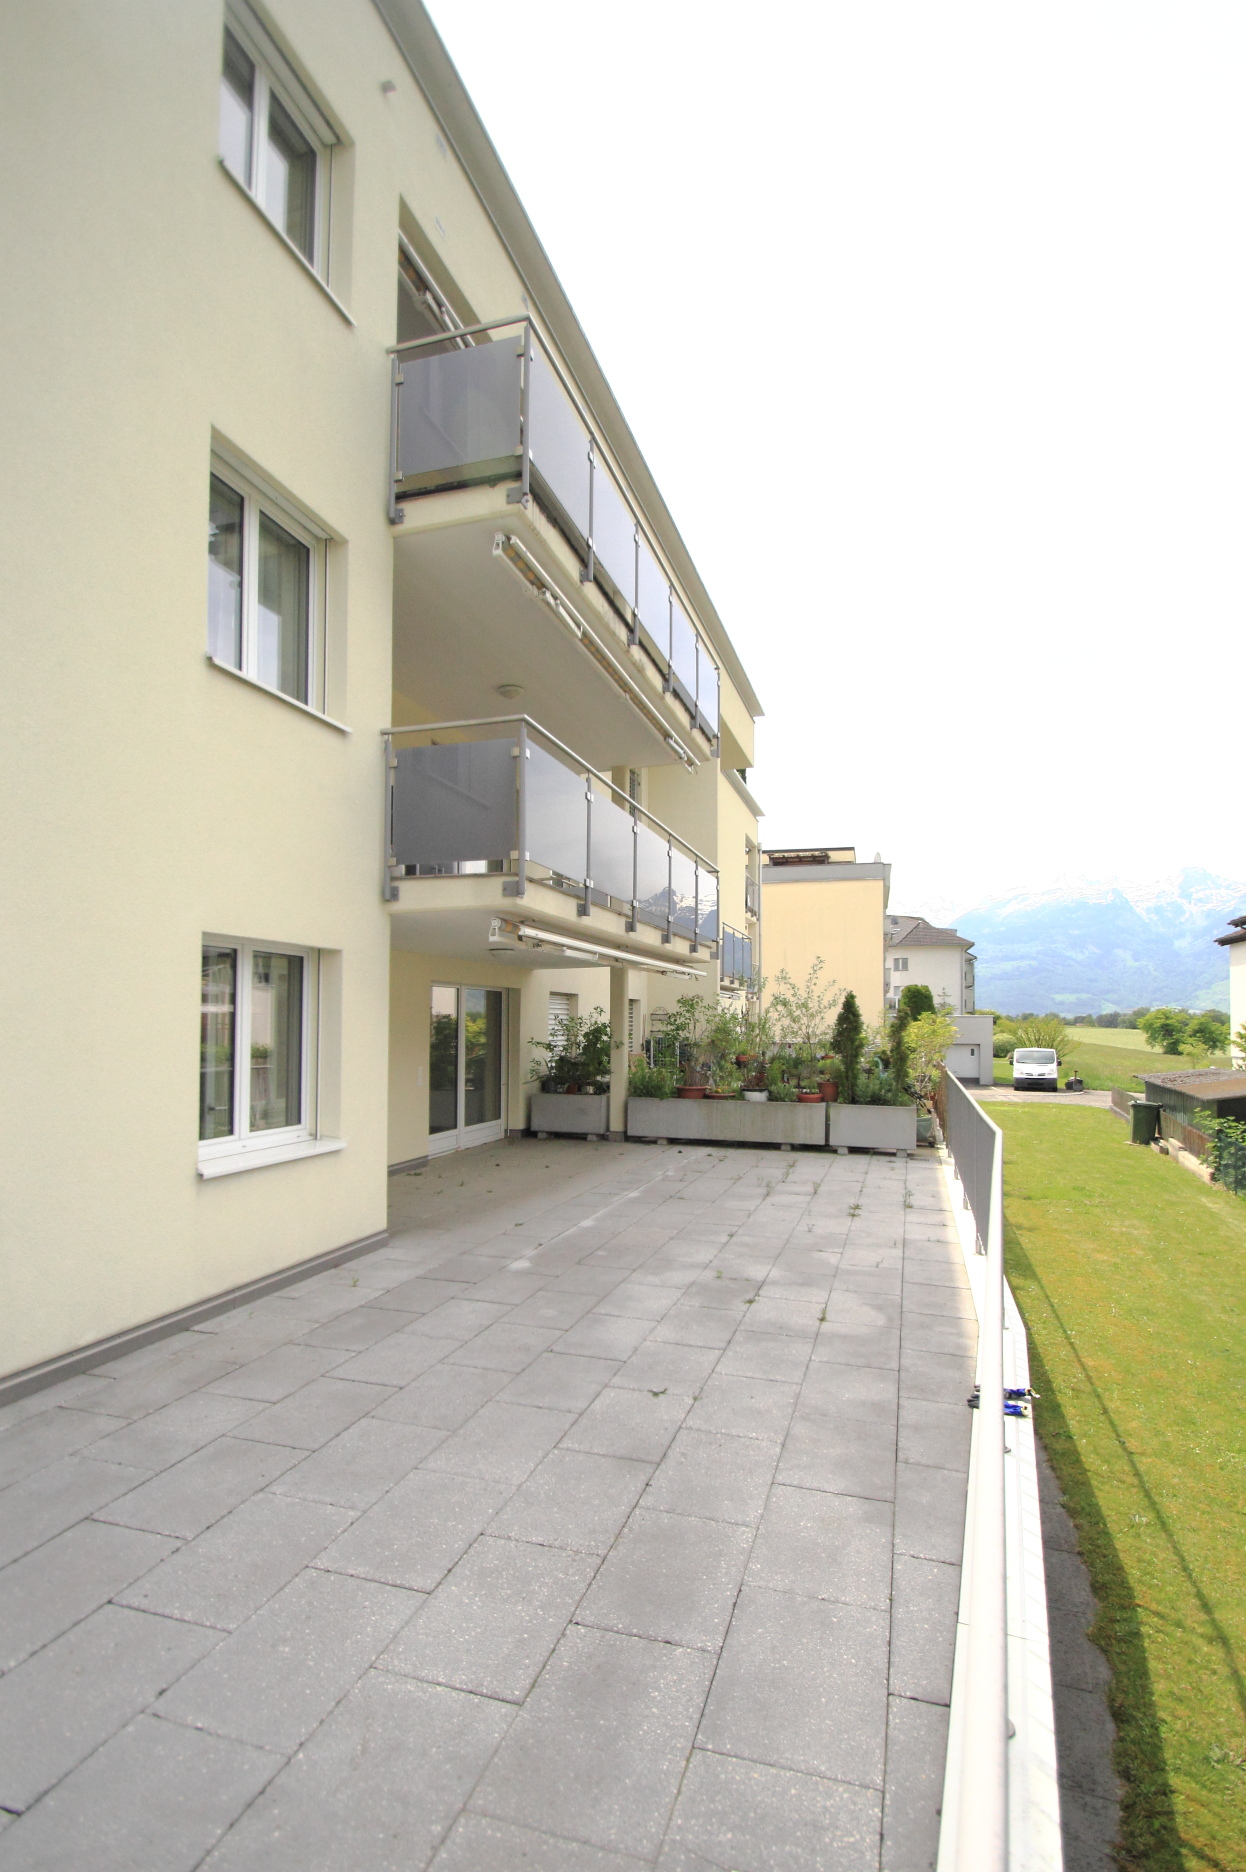 3,5 Zimmerwohnung mit grosszügiger Terrasse | gepflegte Liegenschaft | Eschen